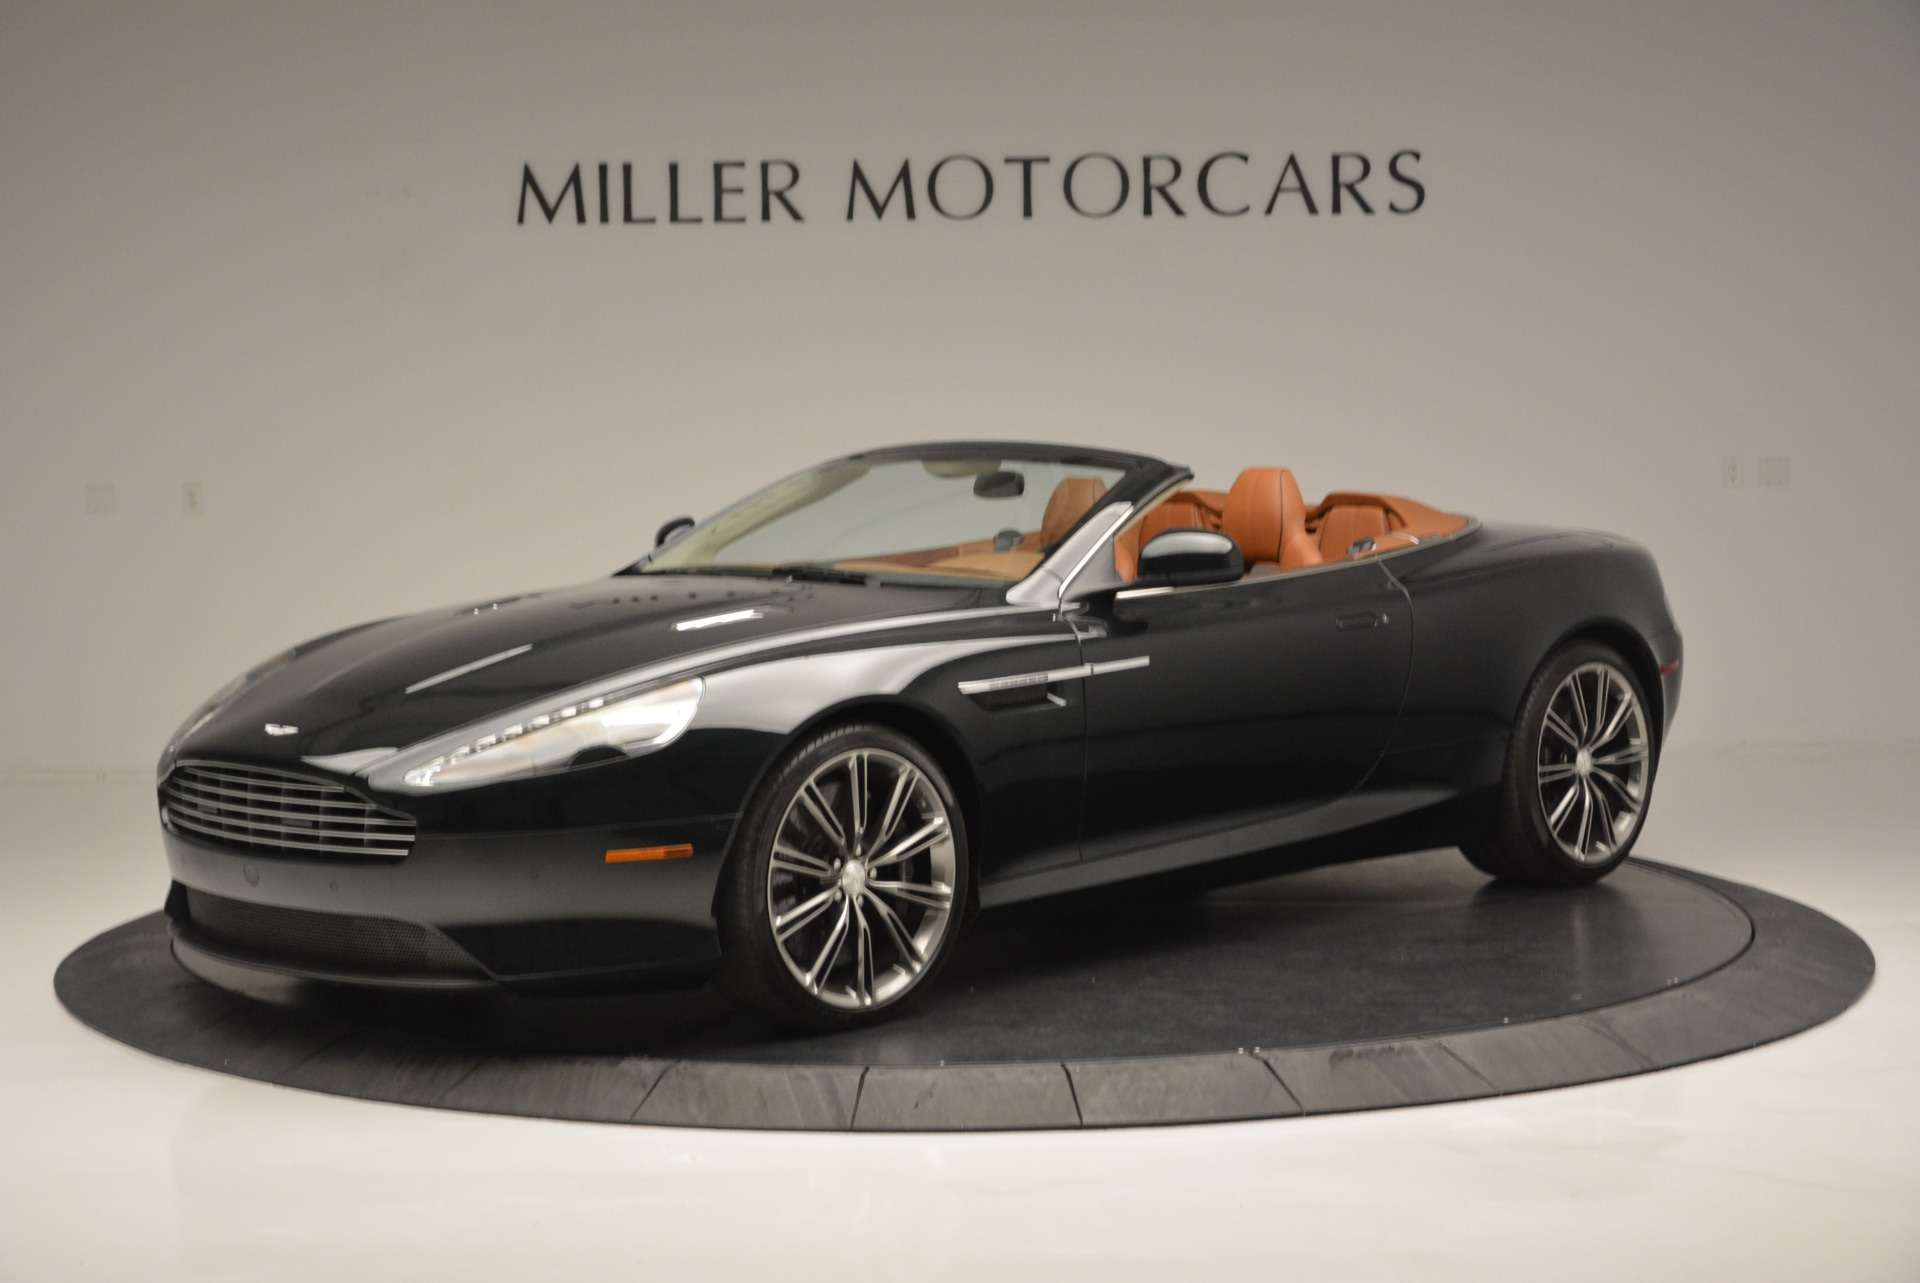 Used 2012 Aston Martin Virage Volante For Sale In Greenwich, CT. Alfa Romeo of Greenwich, 7641 2508_p2